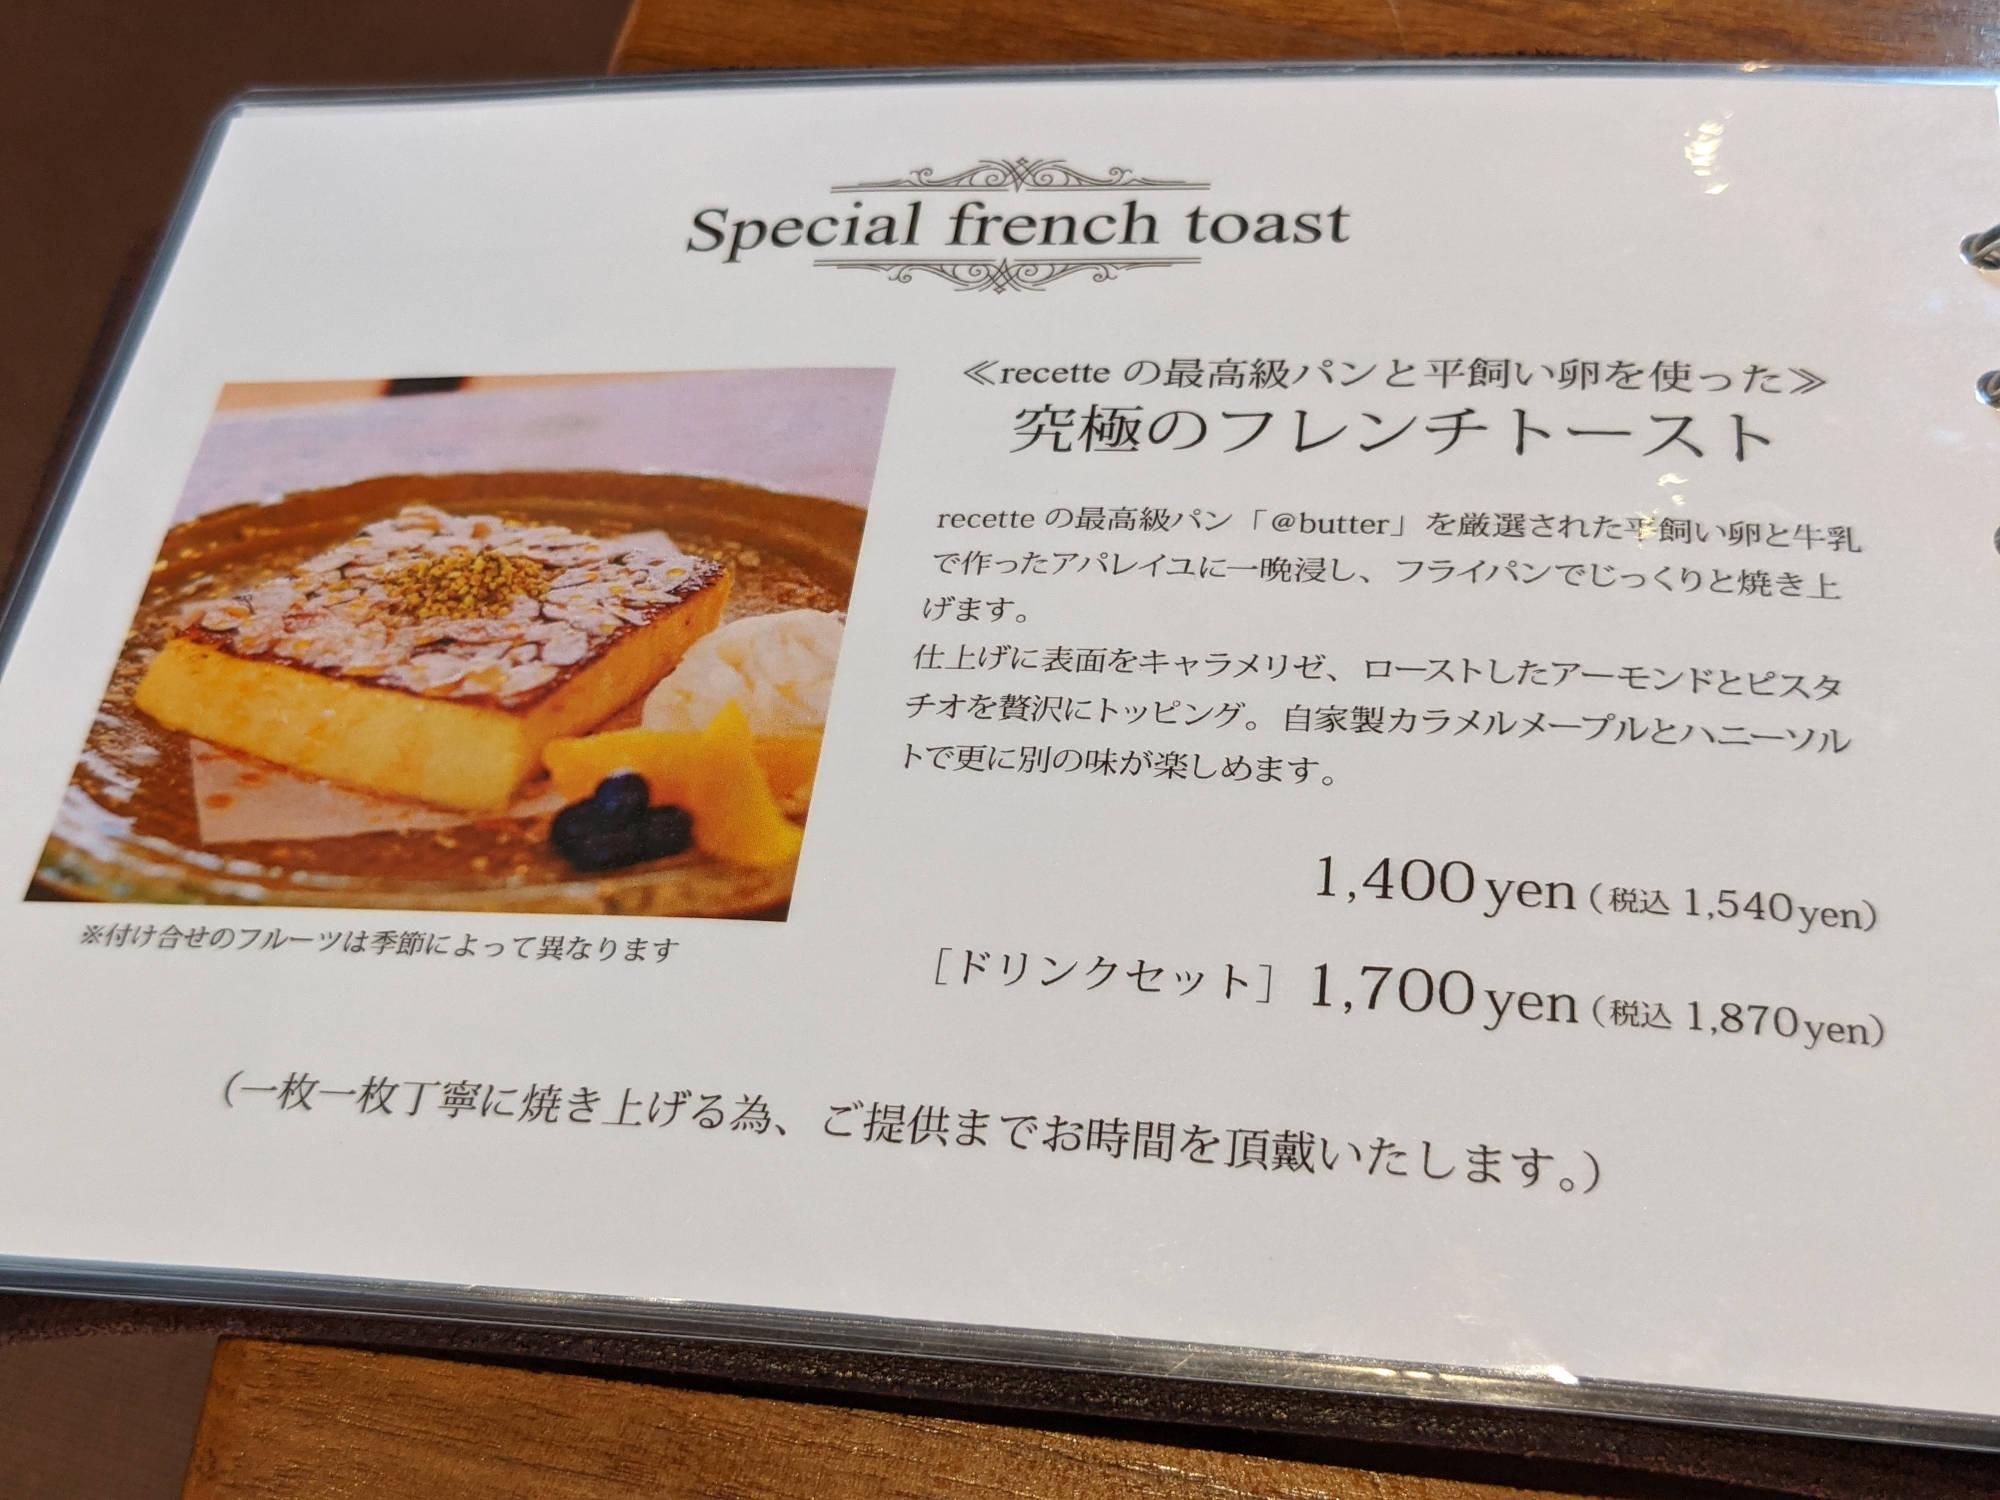 究極のフレンチトースト